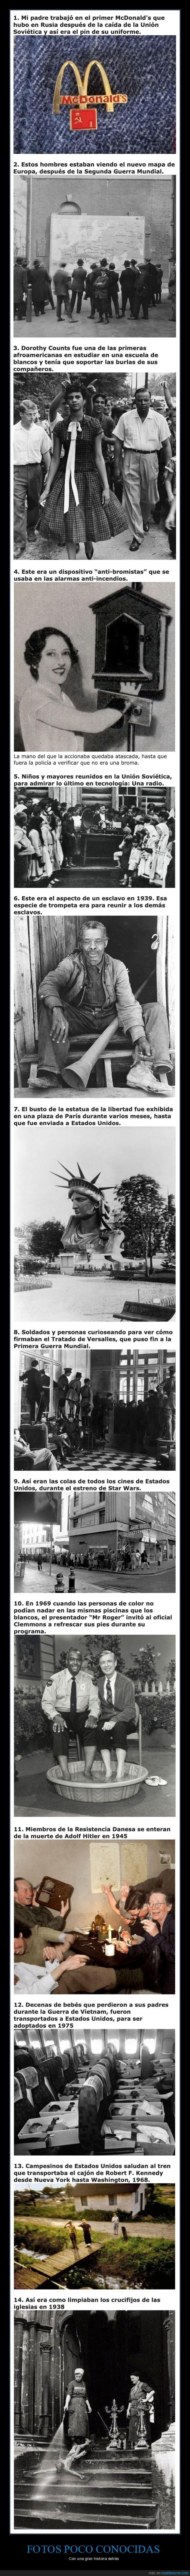 curiosidades,fotos históricas,historia,retro